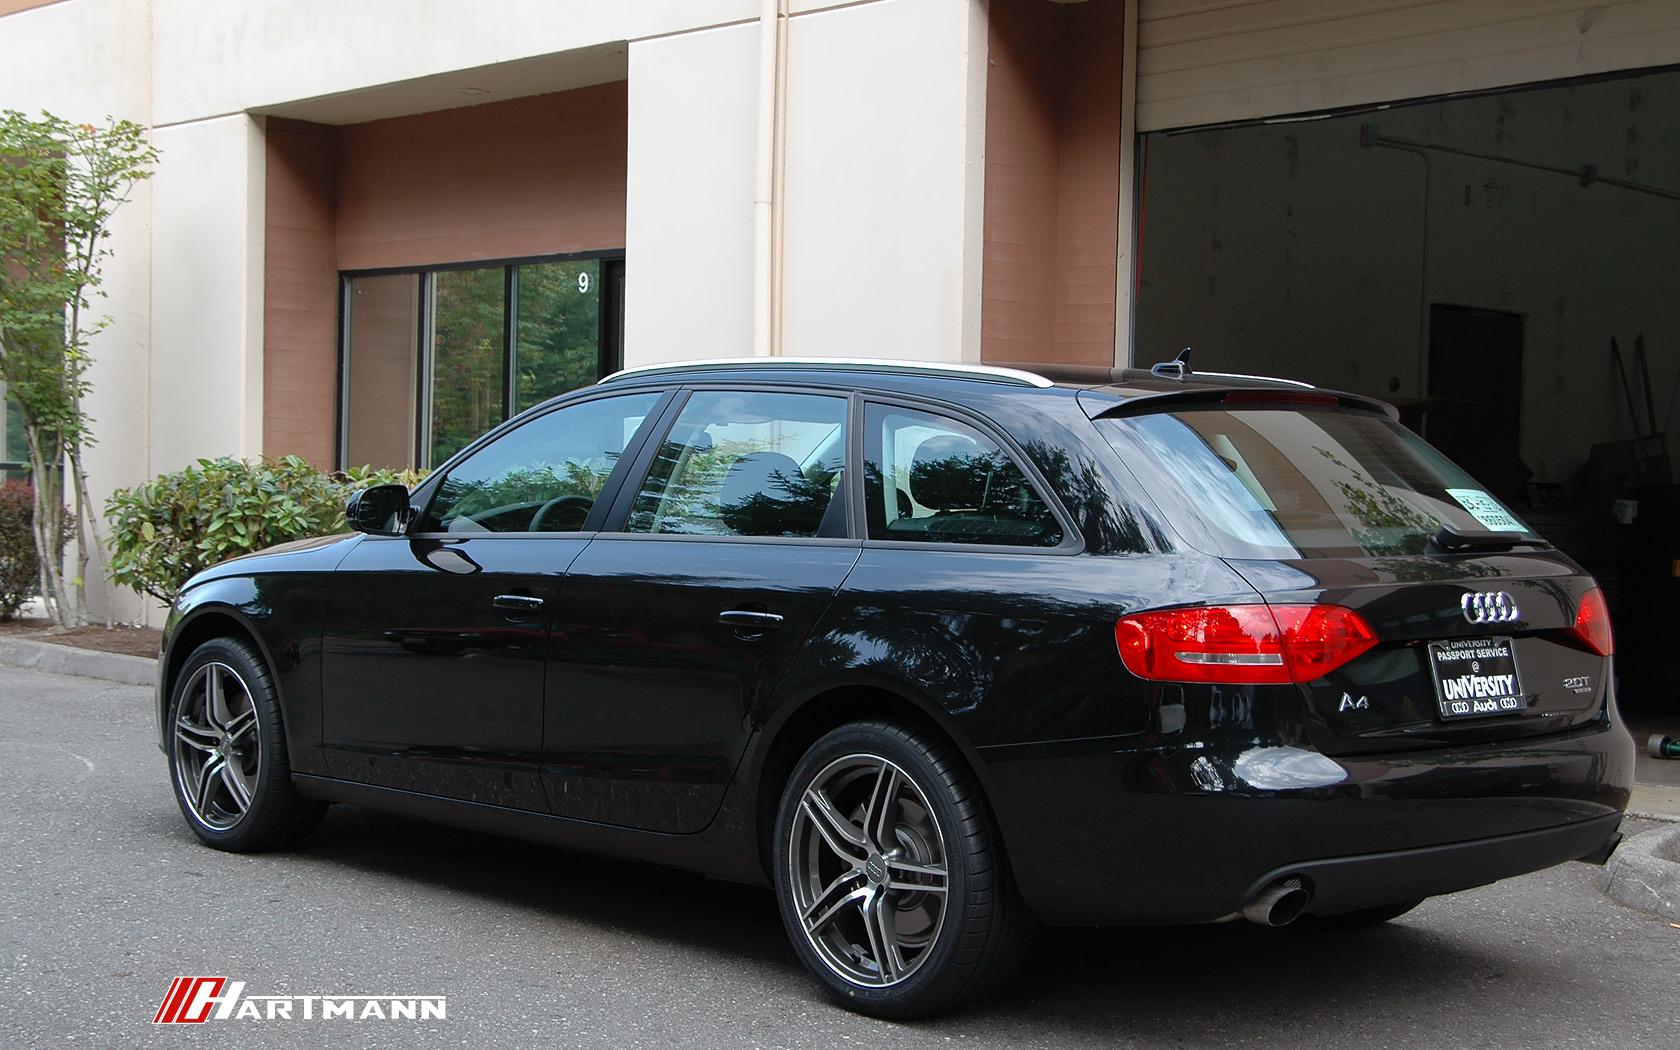 Hartmann Hr8 Ga M Wheels For Audi Fitment Hartmann Wheels